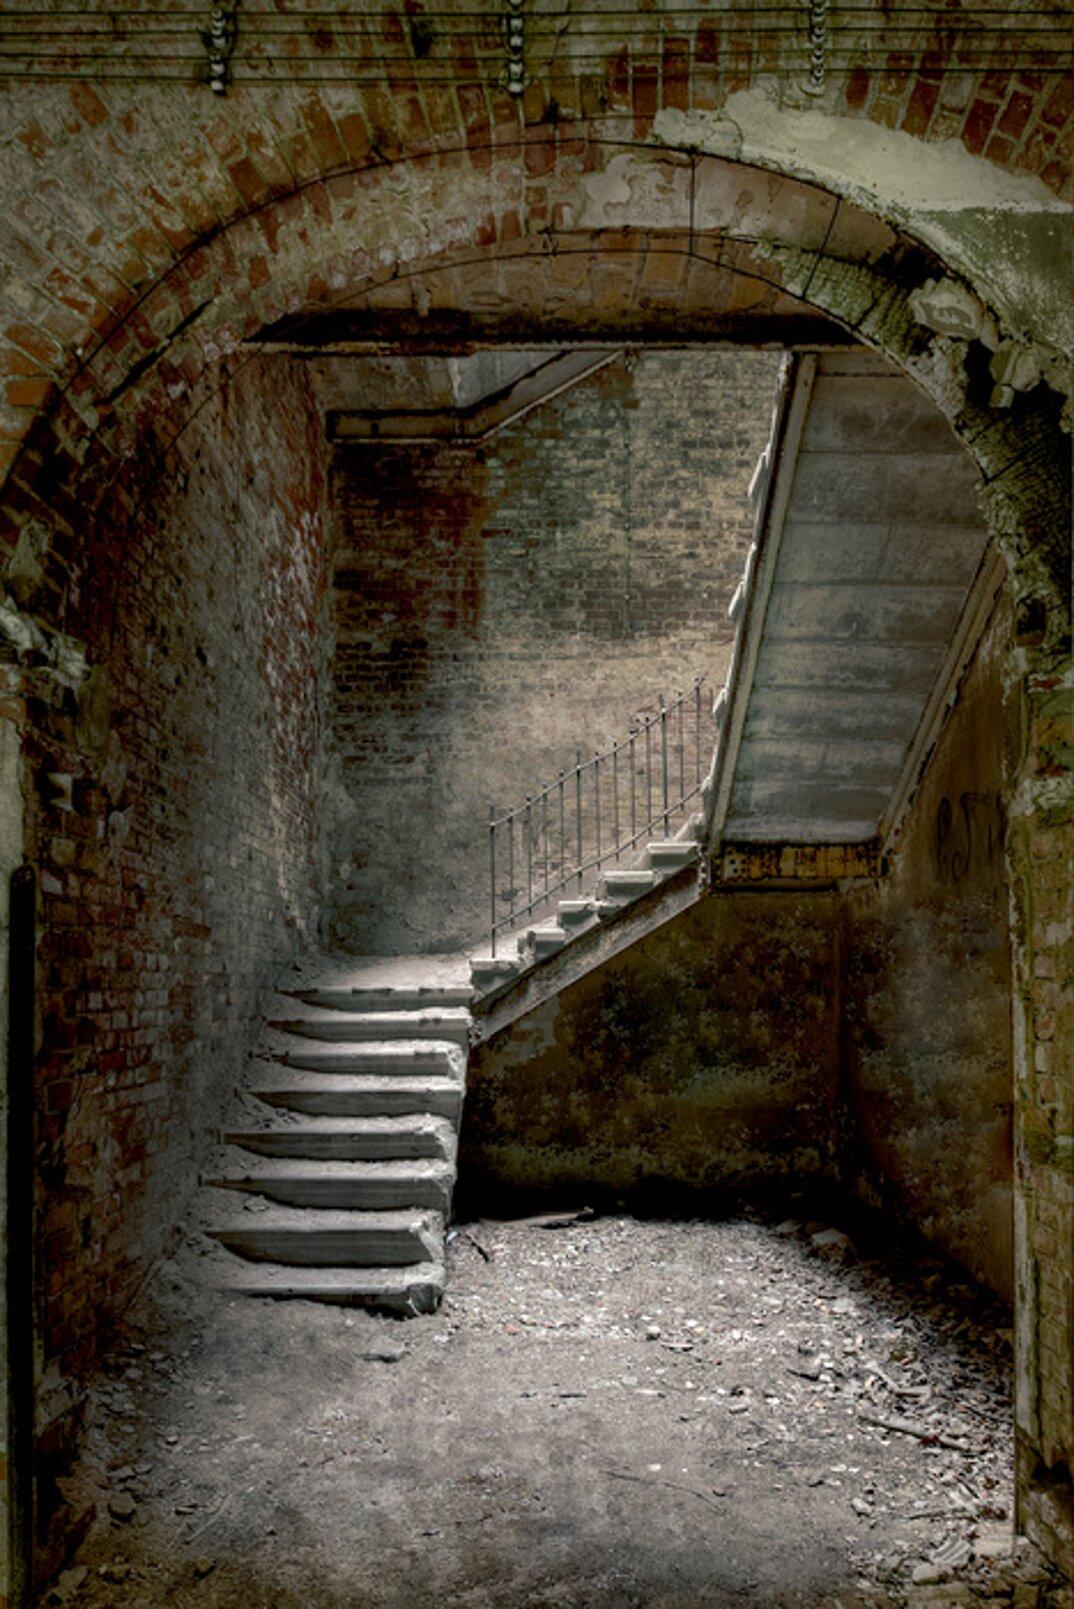 fotografia-luoghi-abbandonati-unione-sovietica-soviet-ghosts-rebecca-bathory-11